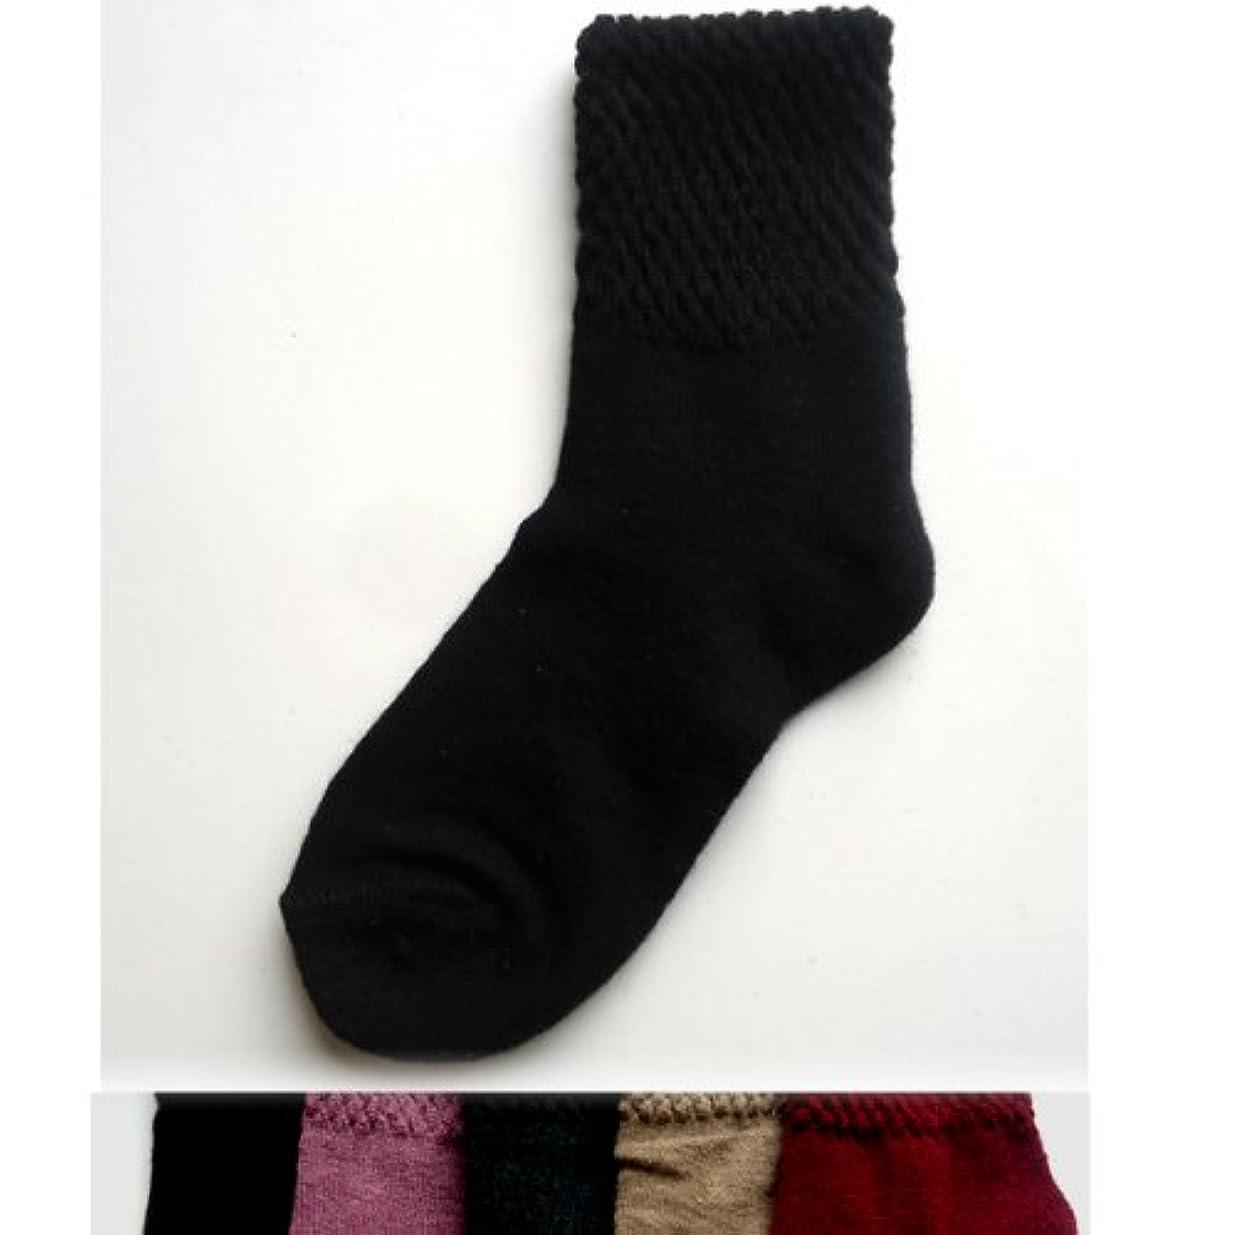 ラベル米ドル系統的靴下 あったか シルク混 二重編みパイナップルソックス 厚手 22~24cm お買得4足組(色はお任せ)